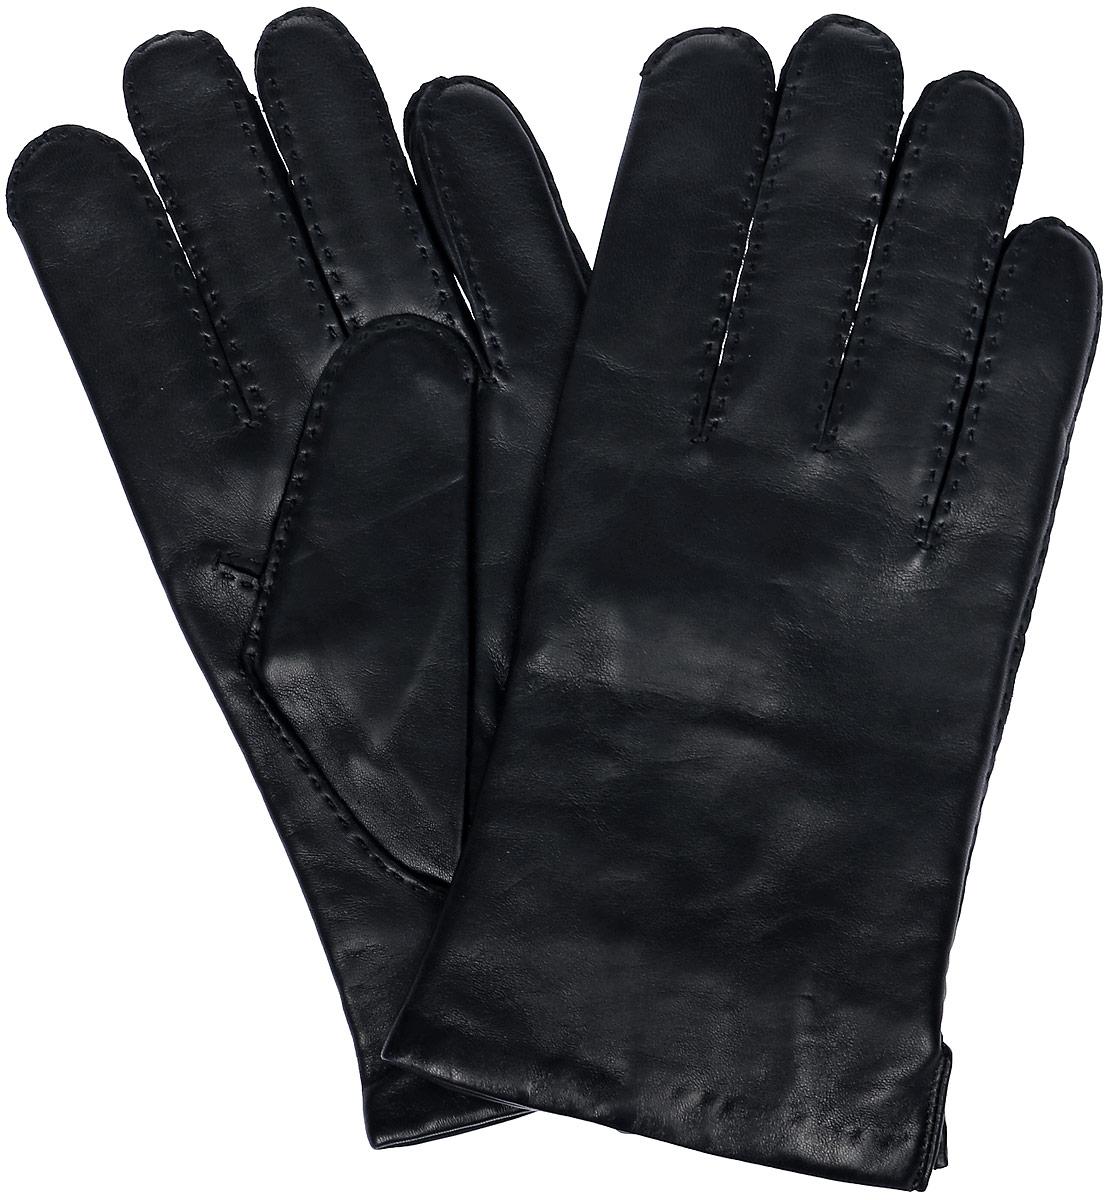 Перчатки мужские Michel Katana, цвет: черный. K100-PORINGE. Размер 8K100-PORINGE/BLМужские перчатки Michel Katana не только защитят ваши руки, но и станут великолепным украшением. Перчатки выполнены из натуральной кожи, а подкладка - из высококачественной шерсти. Модель оформлена декоративными прострочками.